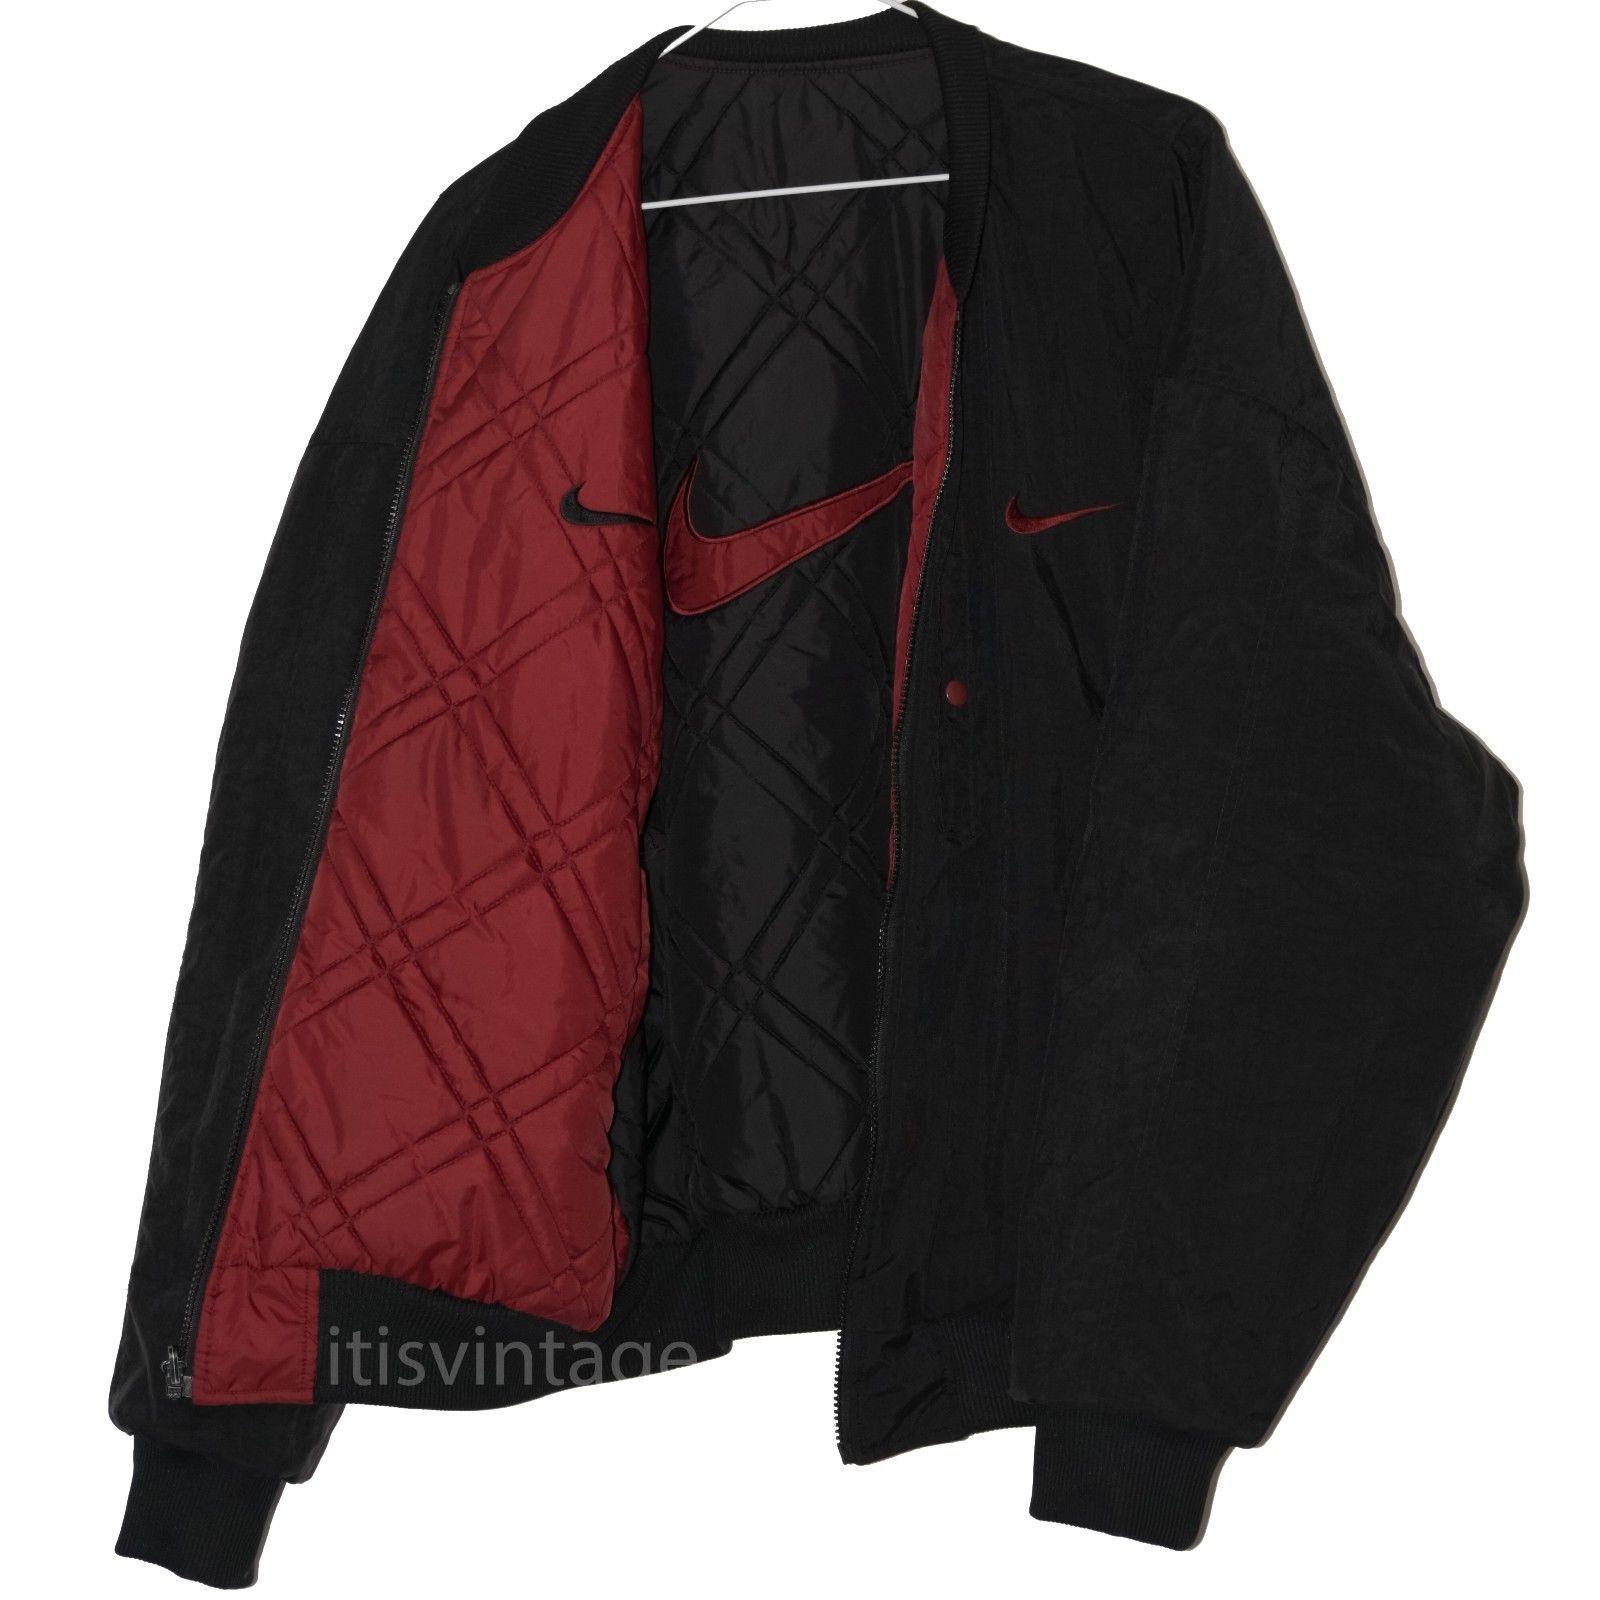 adc1cbe1bdd8 Reversible Vintage Nike Full Zip Large Swoosh Insulated Nylon Bomber Jacket  Coat